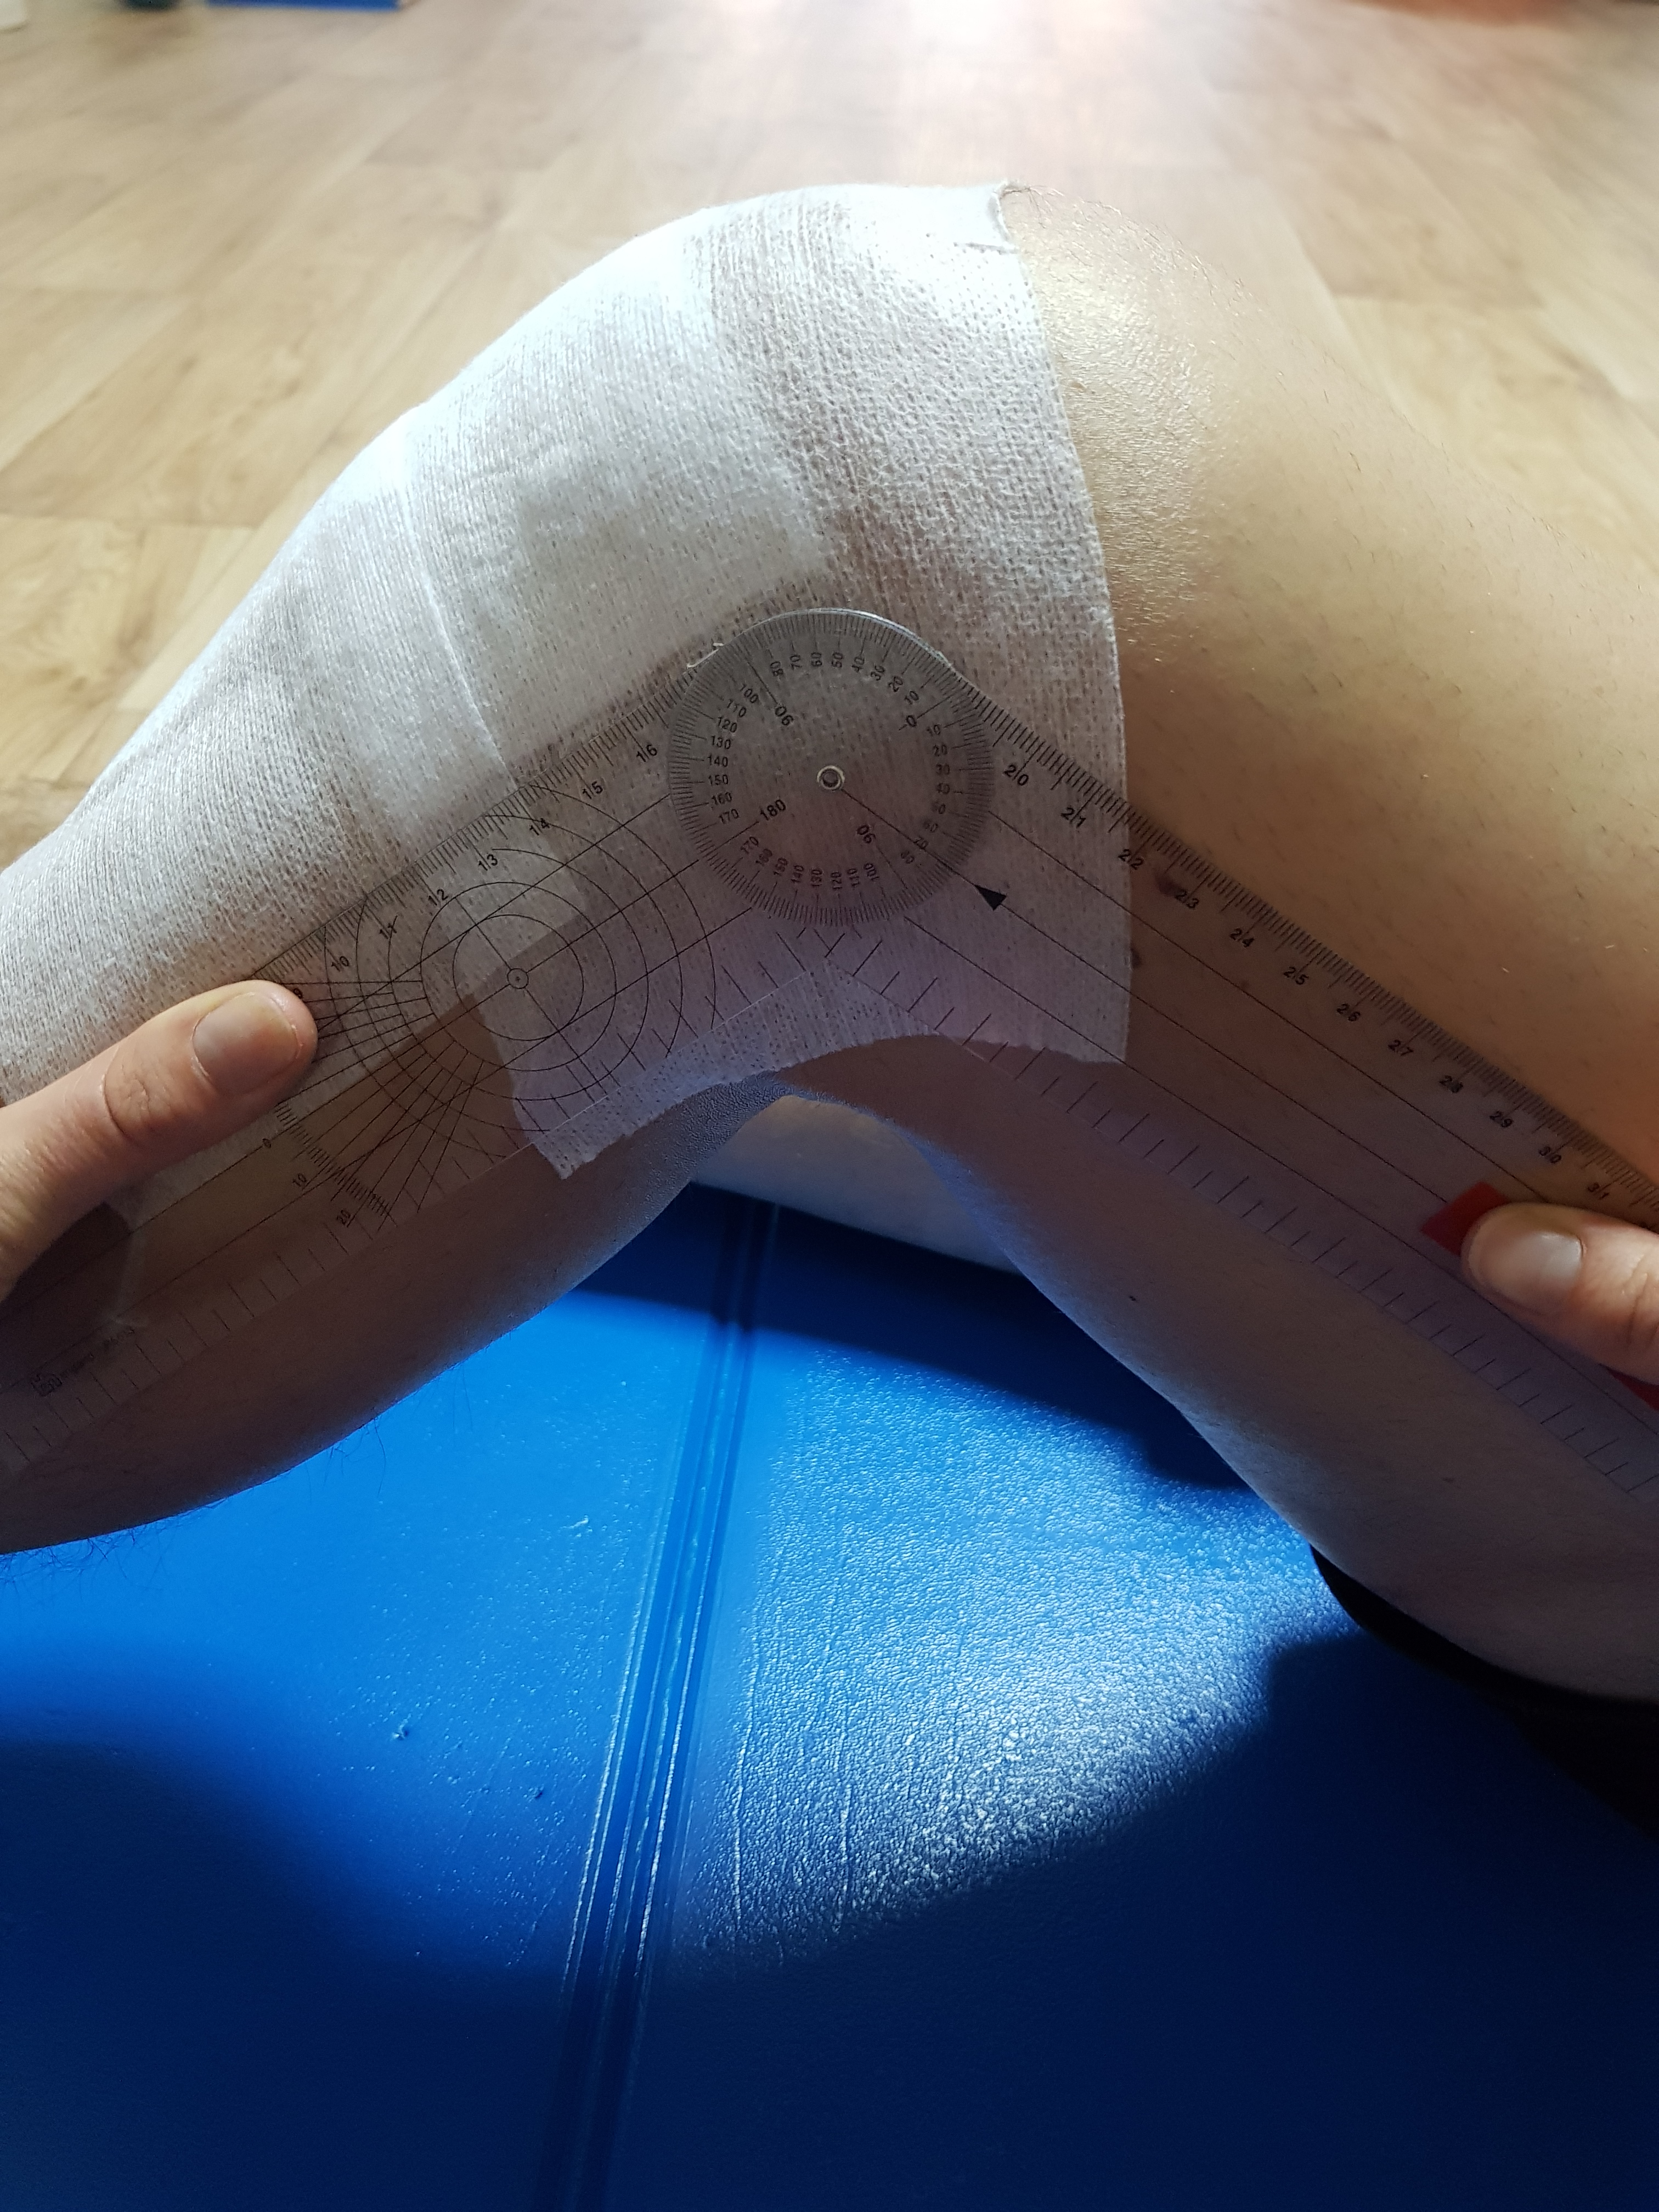 Hematoamele de buzunar prevăd infecția dispozitivului pe termen lung